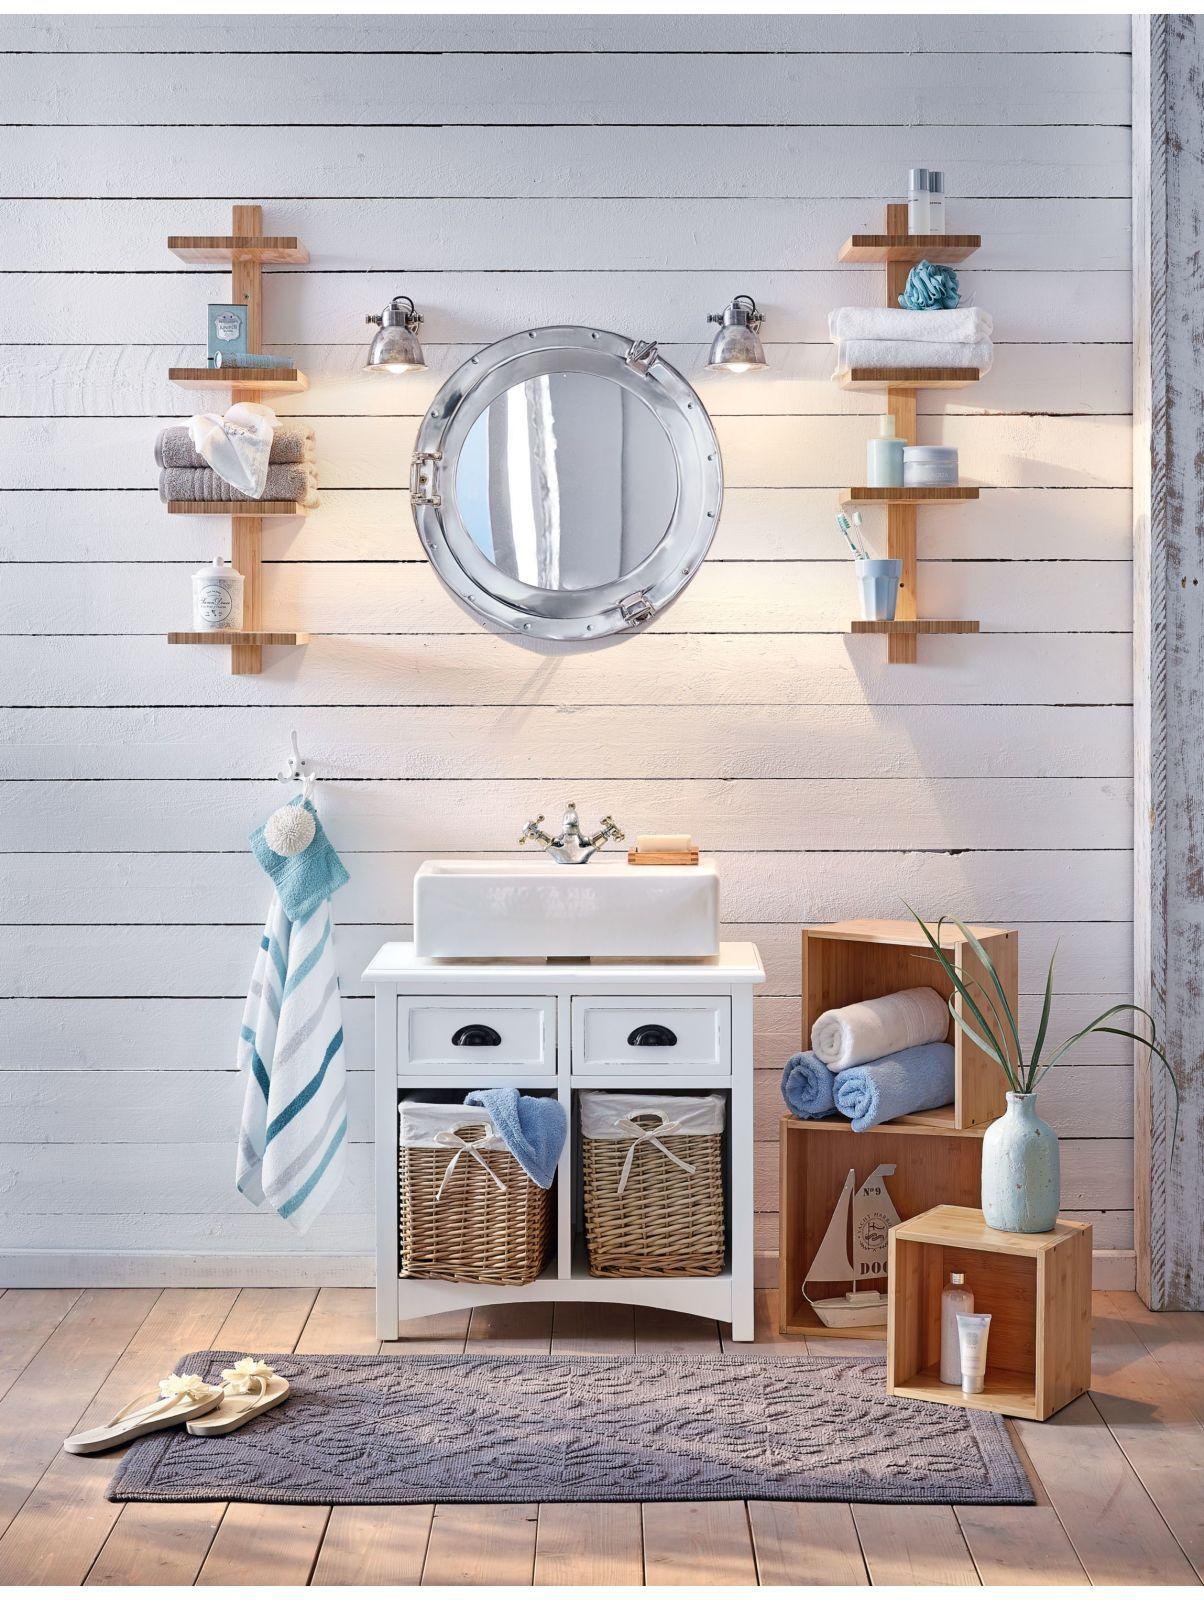 Bamboo Modern Holz Jetzt bestellen unter wohnzimmer regale haengeregale uid=6998c7f2 2b1a 5a76 9d78